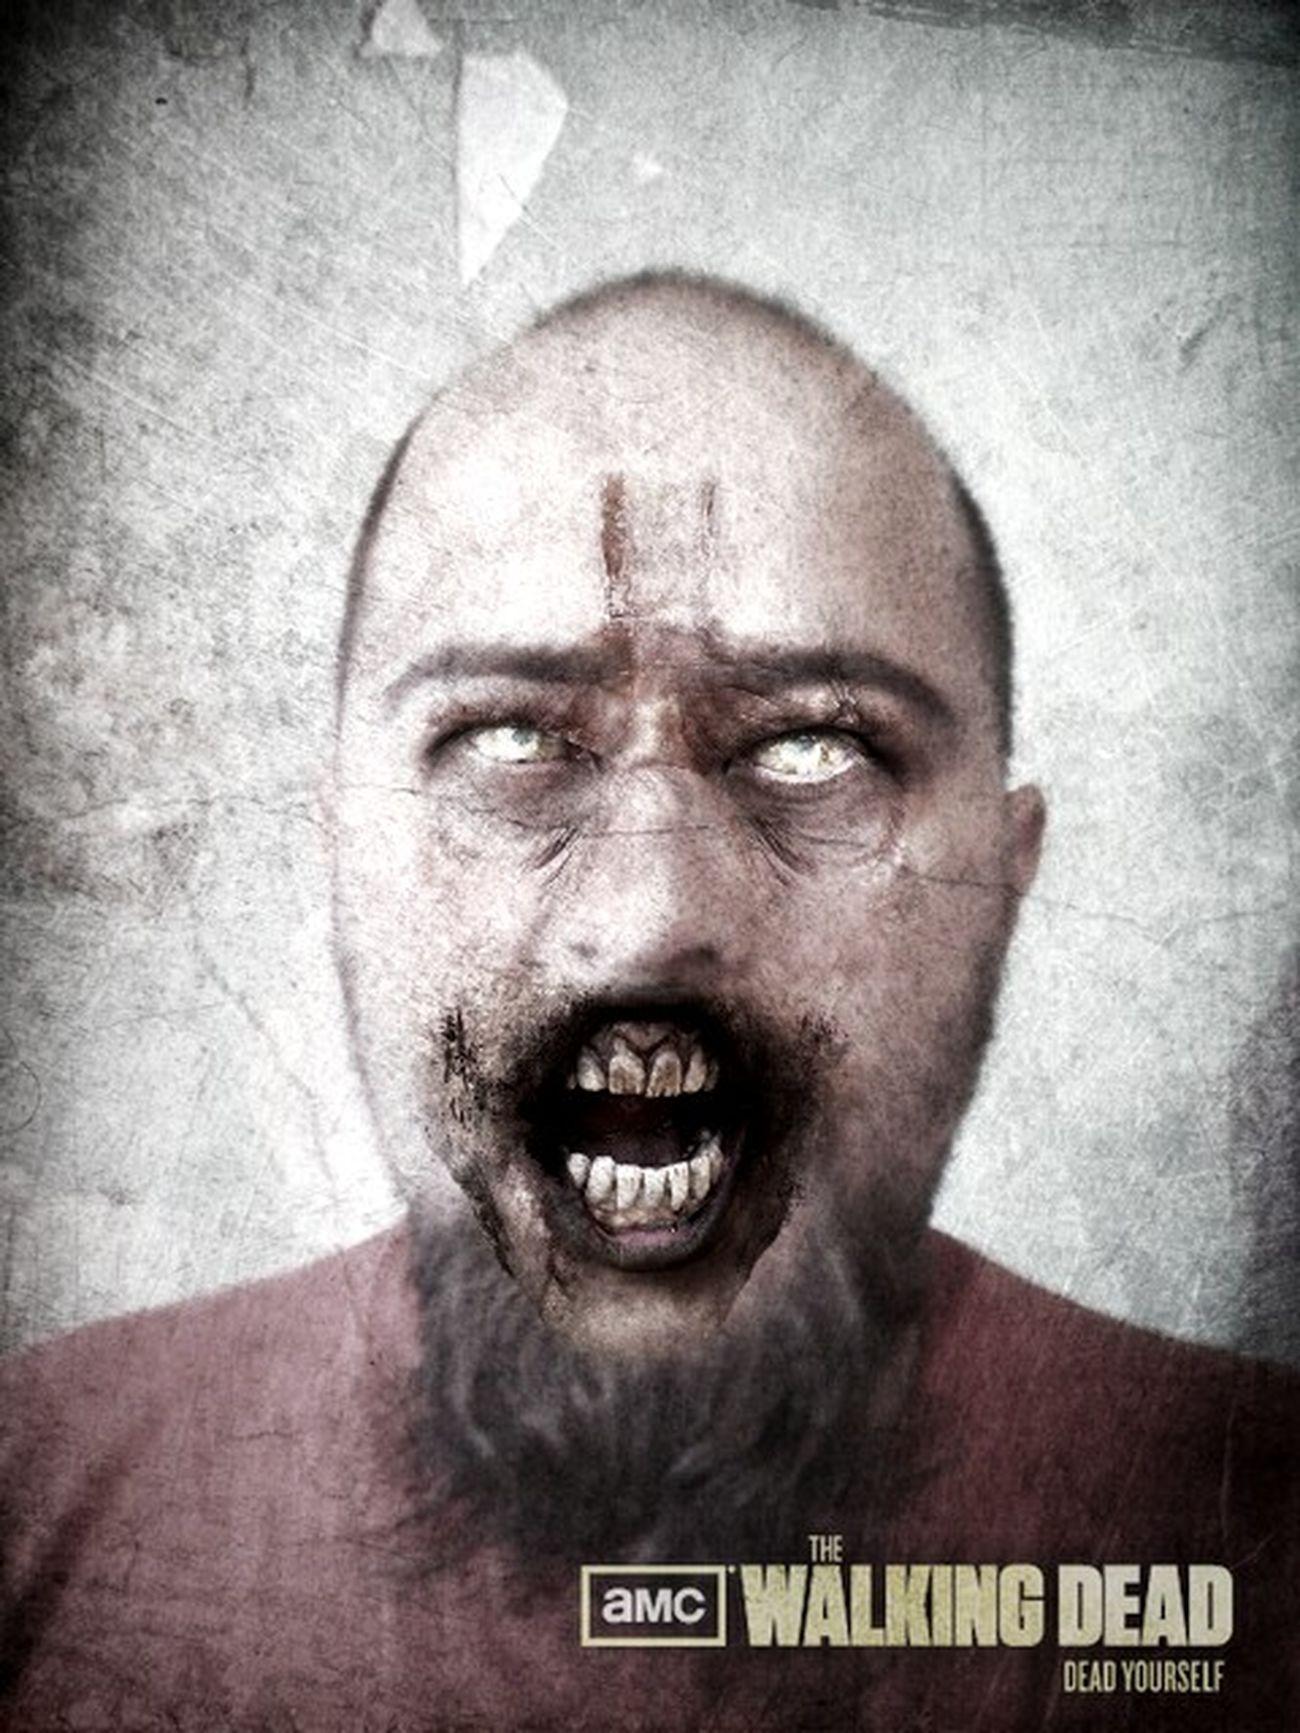 The Walking Dead The Walking Dead, Dead U'r Self